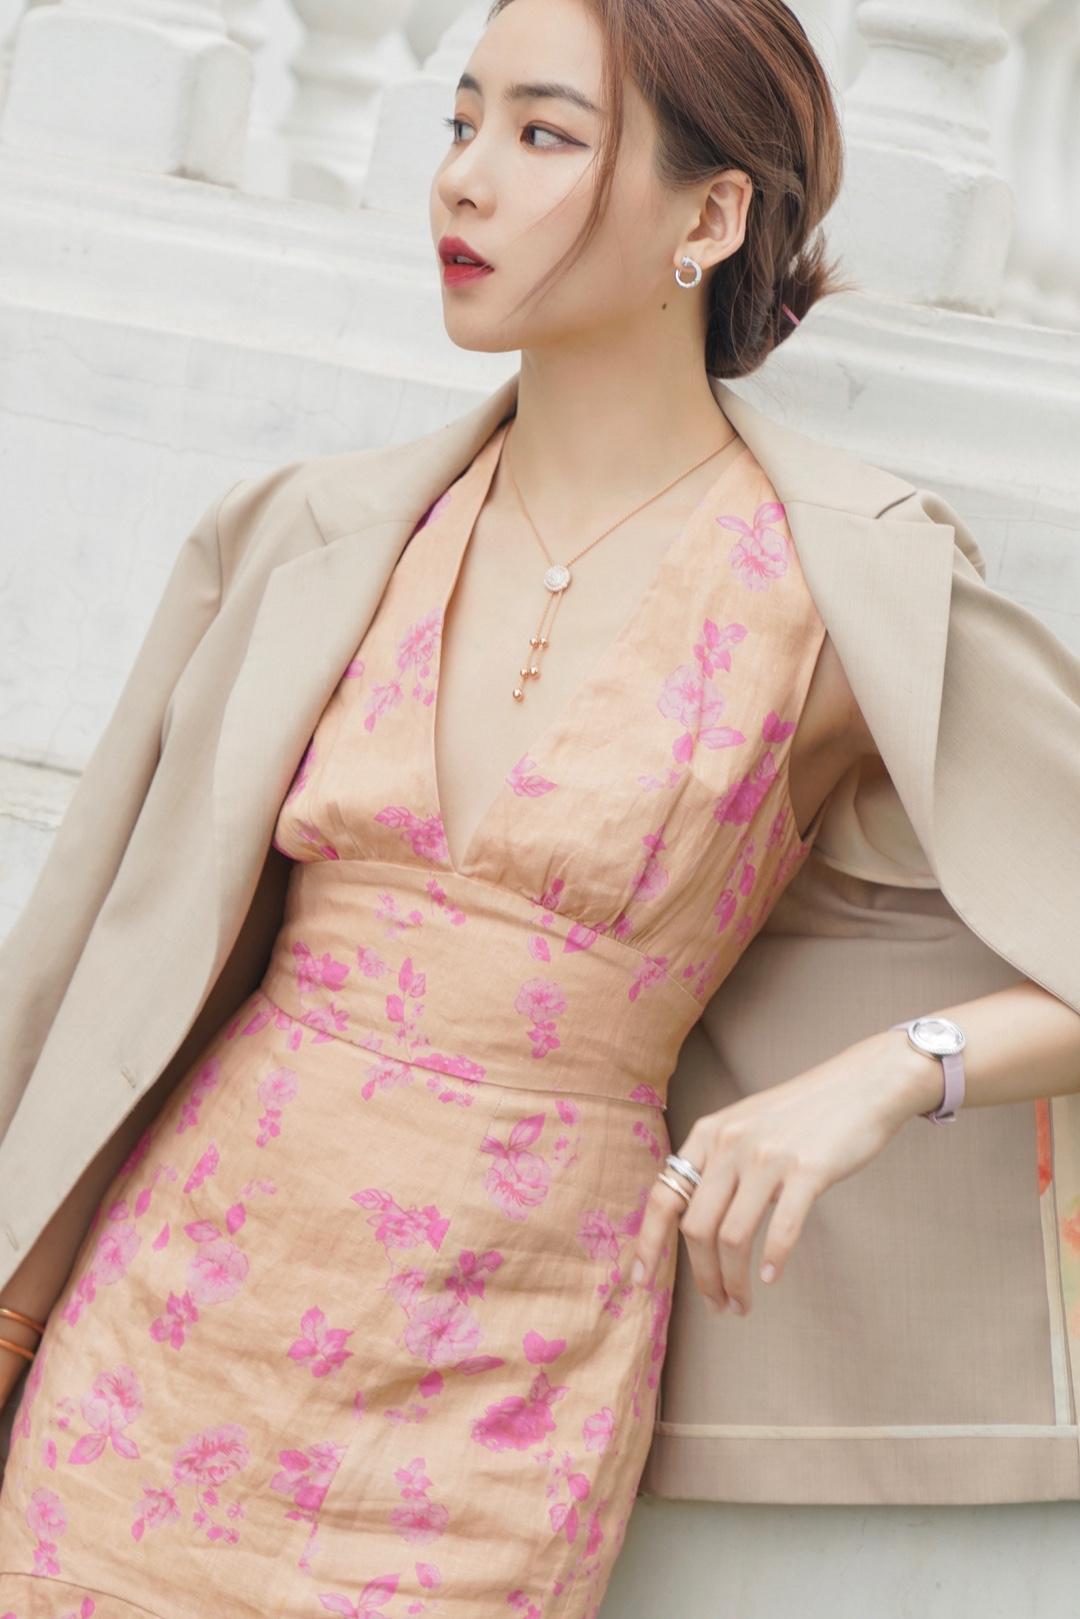 砂糖蜜桃系 |变身韩剧里的财阀大小姐🍑  初夏的颜色总是暖而温柔的。 ✨ 近期出门特别爱扮温柔,尤其喜欢砂糖蜜桃系的穿搭,知性大方,也很适合黄皮肤的亚洲人,穿在身上显得气质好好。 ✨ 喜欢鱼尾裙罩西装,女人味很足,端庄但不刻意,裙上的蜜粉色花朵与草地相映成一幅油画,是给夏日降温的质感底色。 ✨ 包袋和单鞋也顺了砂糖蜜桃的色系,焦糖拿铁色的包包,亮橘色的亮片单鞋,让色彩层次更丰富,甜蜜加分。 ✨ 珠宝来自大小姐们偏爱的Piaget伯爵,Possession时来运转系列,贵气又精致,项链垂下来的小串珠可以很好的拉长颈部线条,弥补胸前空白,穿低领和深V的时候,玫瑰金在阳光闪着若隐若现的光芒,显得无比温柔。 ✨ 快到520了,turn for extraordinary love,爱自己,也是非常重要的事。 ✨ 包包:Everlane 西服:Howl 裙子:keepsake 鞋子:MiuMiu 饰品:PIAGET伯爵 韦思嘉:混迹时尚圈的清华工科小姐姐。 #2020连衣裙穿搭图鉴#